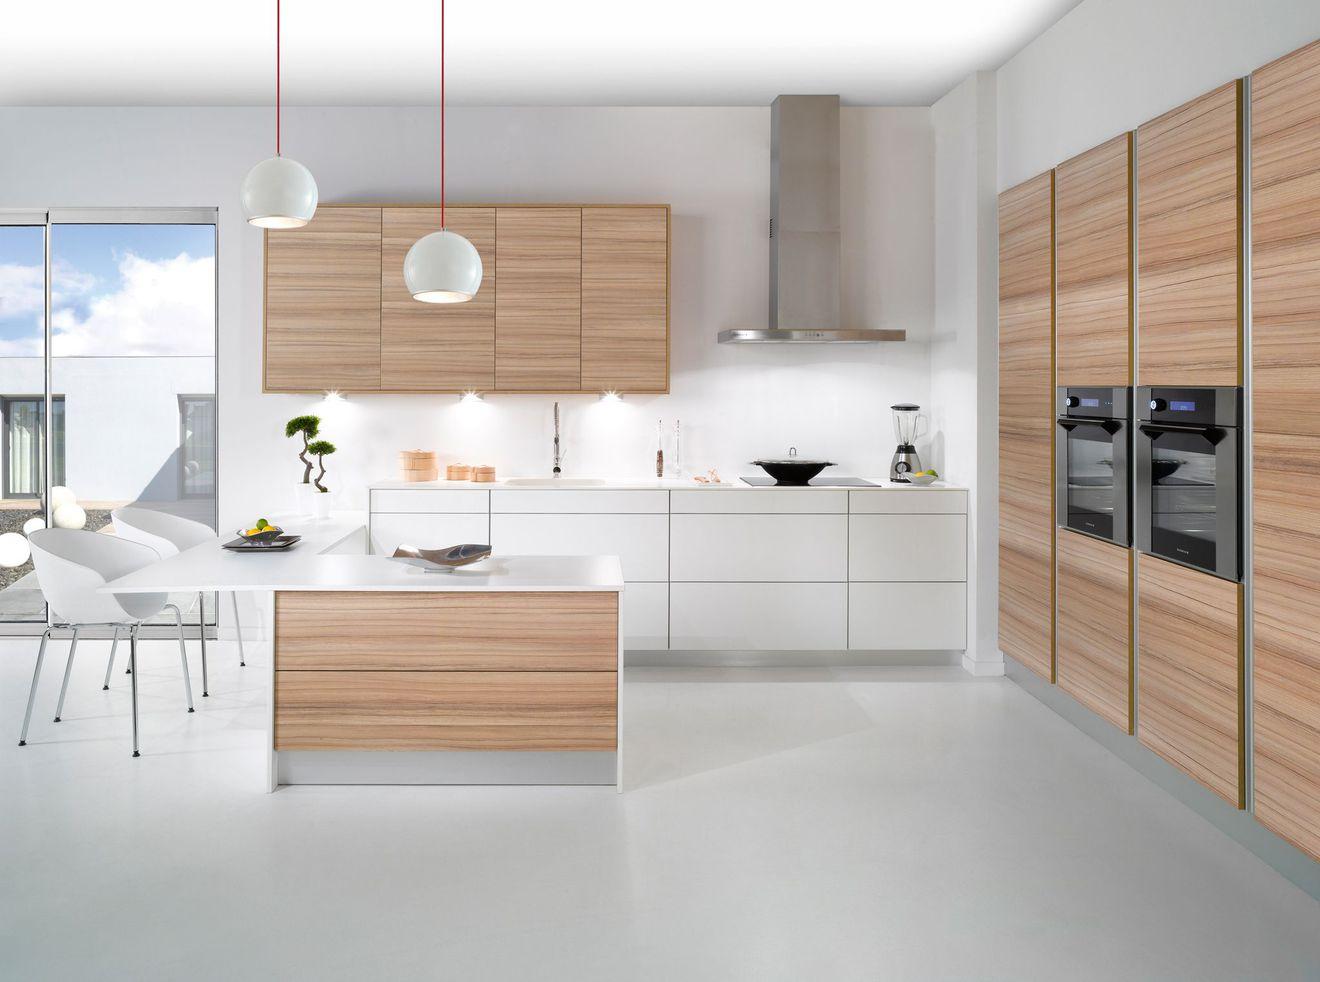 Carrelage cuisine zen id e de maison et d co - Cuisine en bois blanc ...